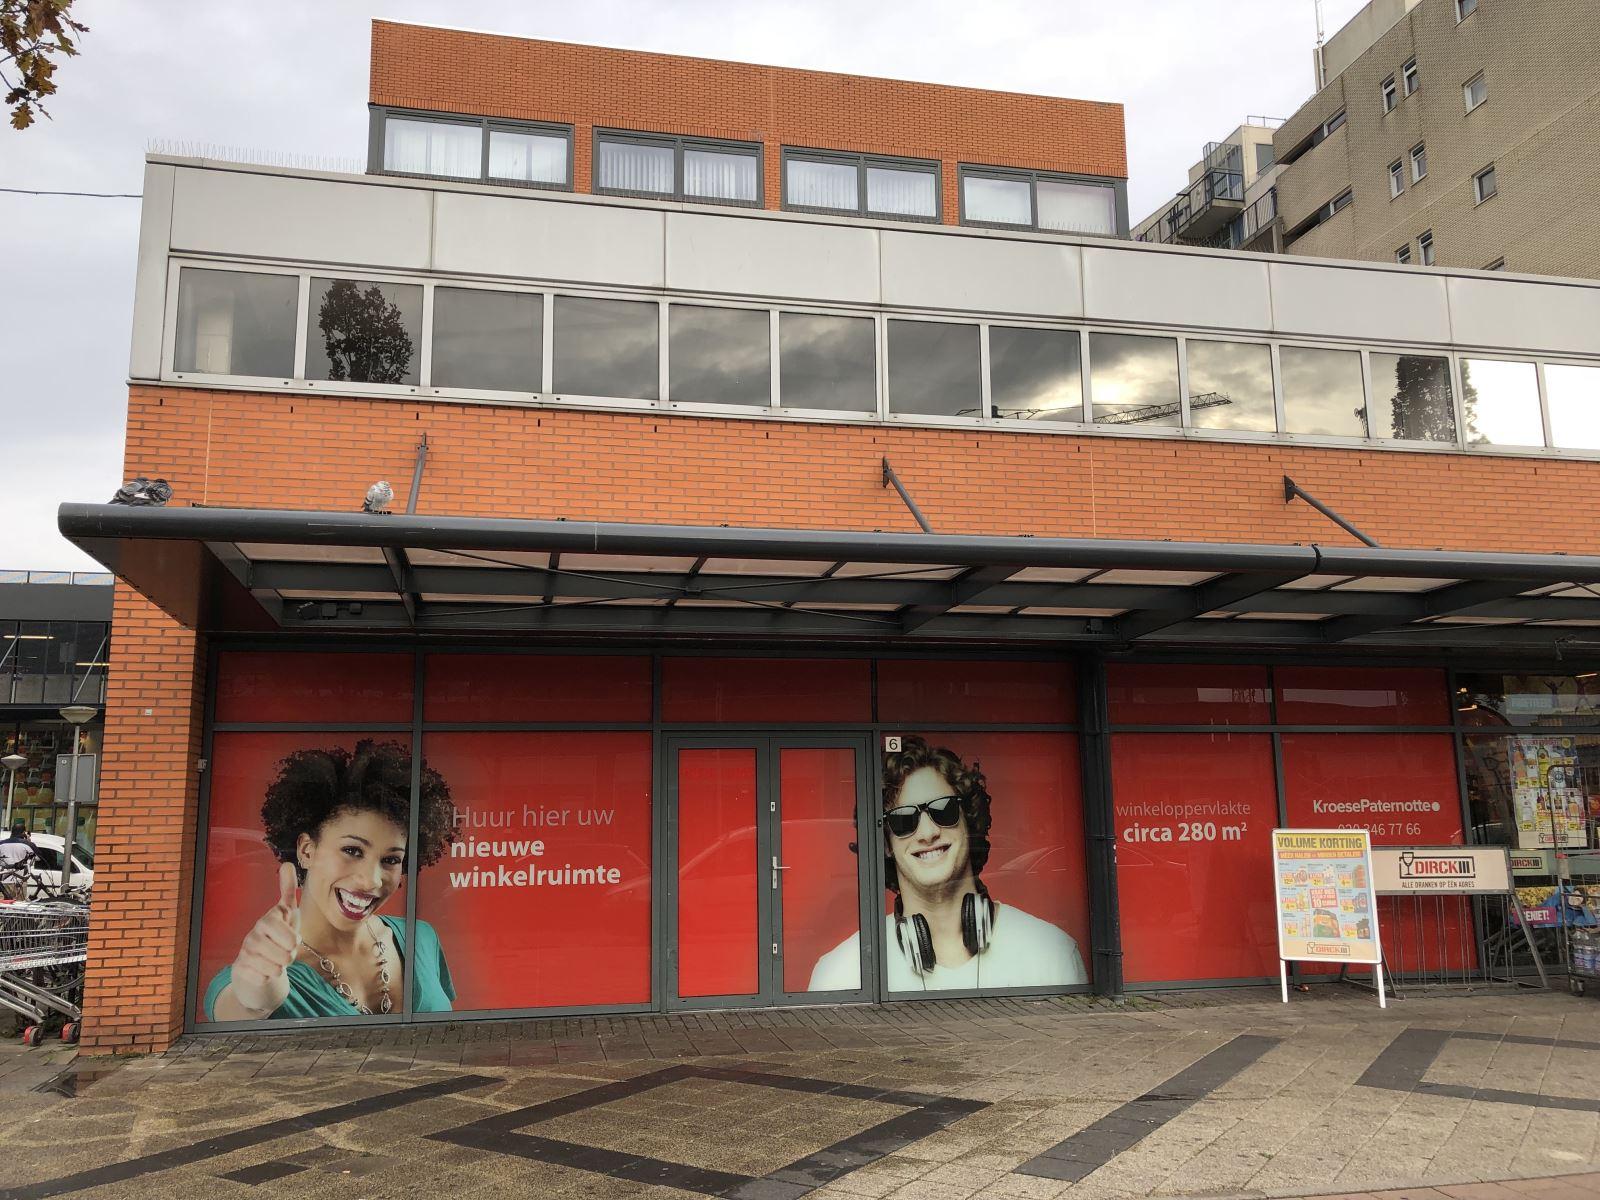 Praxis City Amsterdam Tussen Meer 6